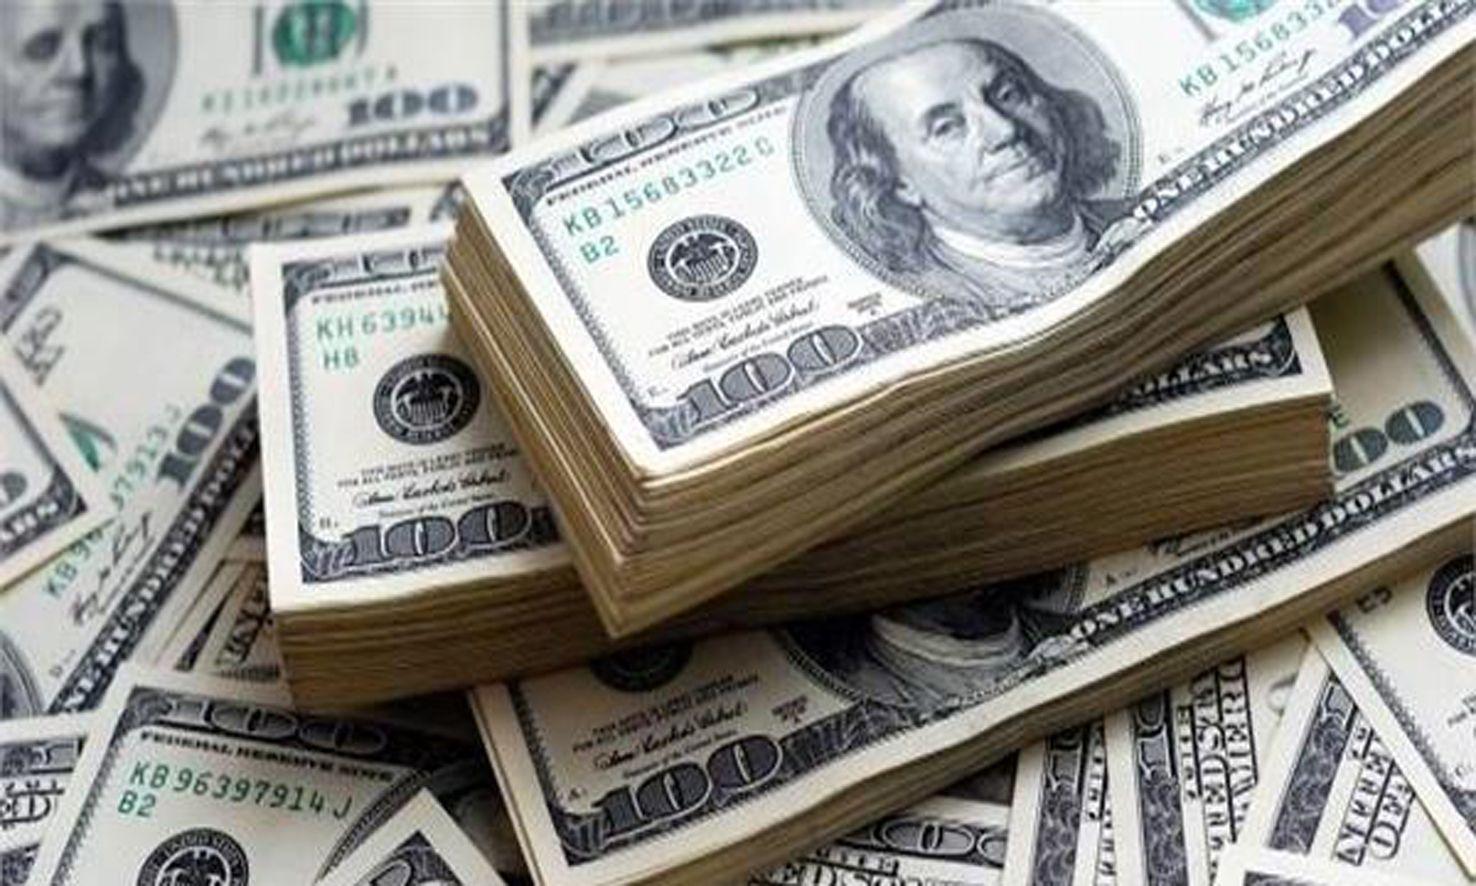 سعر الدولار اليوم في مصر اليوم الجمعة 17 7 2020 بجميع البنوك المصرية Dollar Rate Dollar Us Dollars